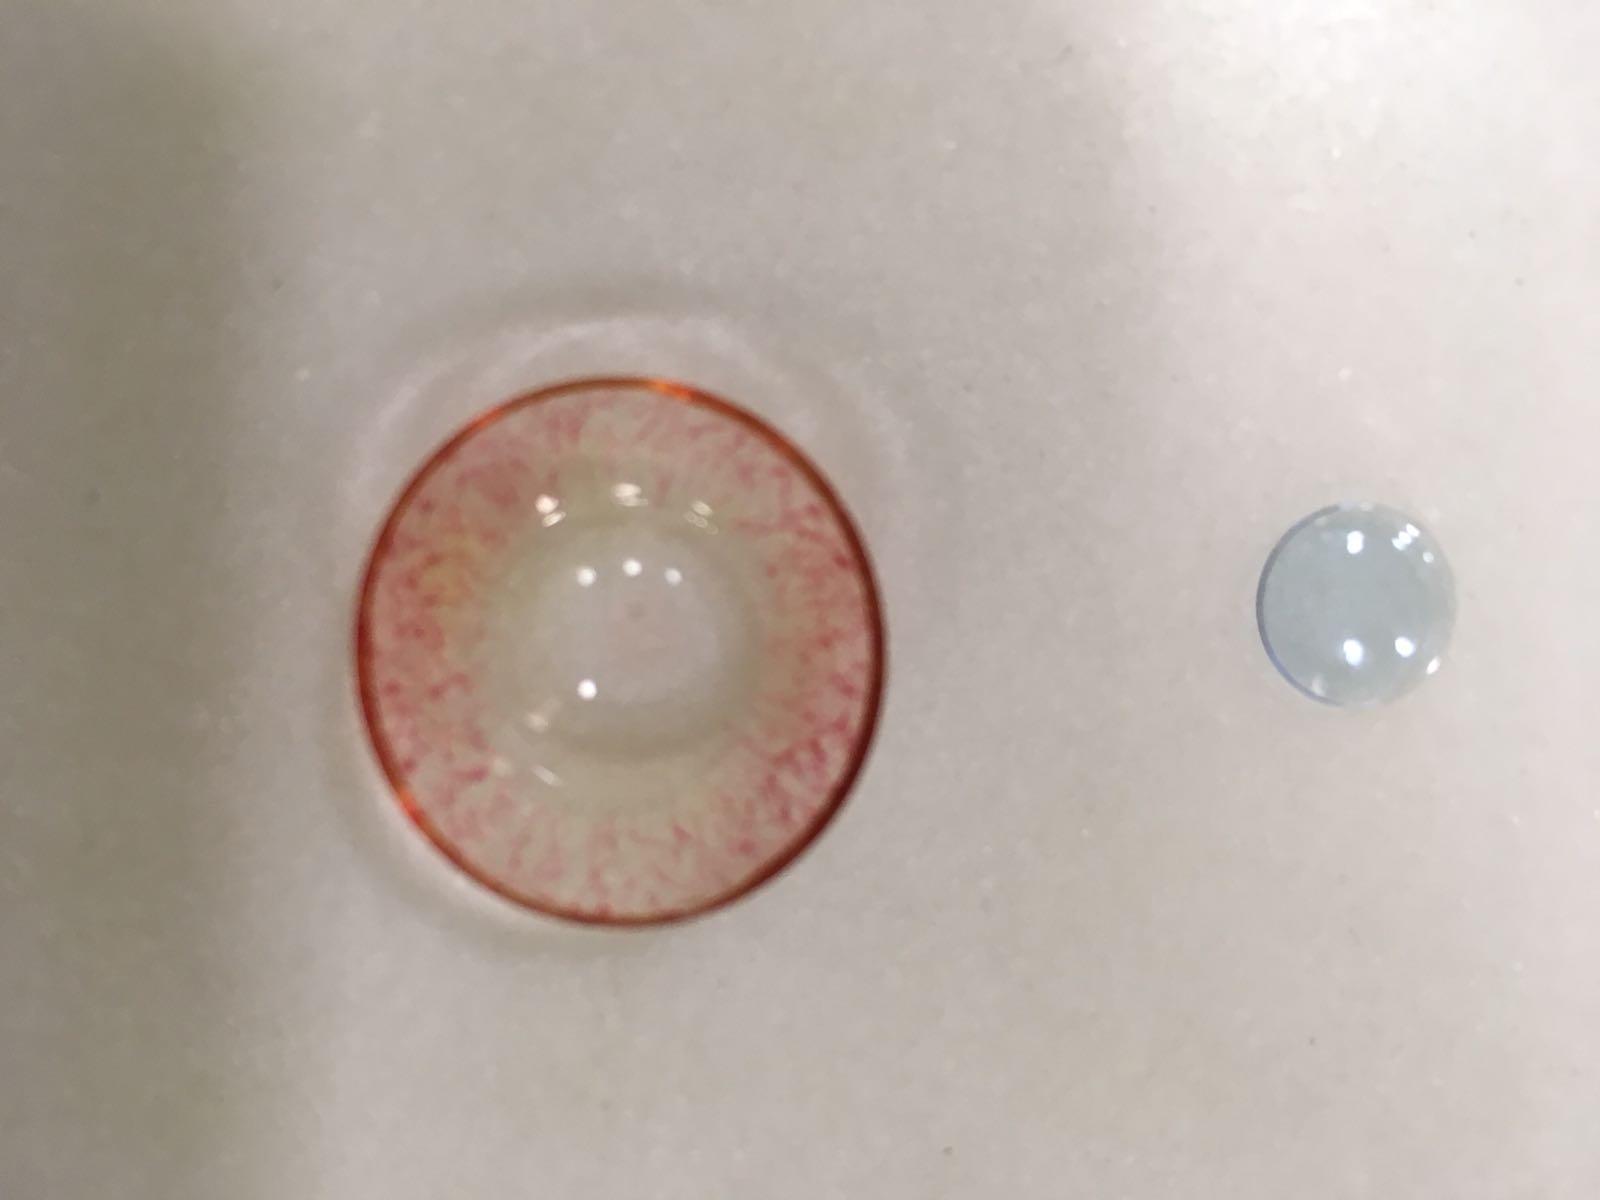 comparación tamaño lentes esclerales vs rigidas